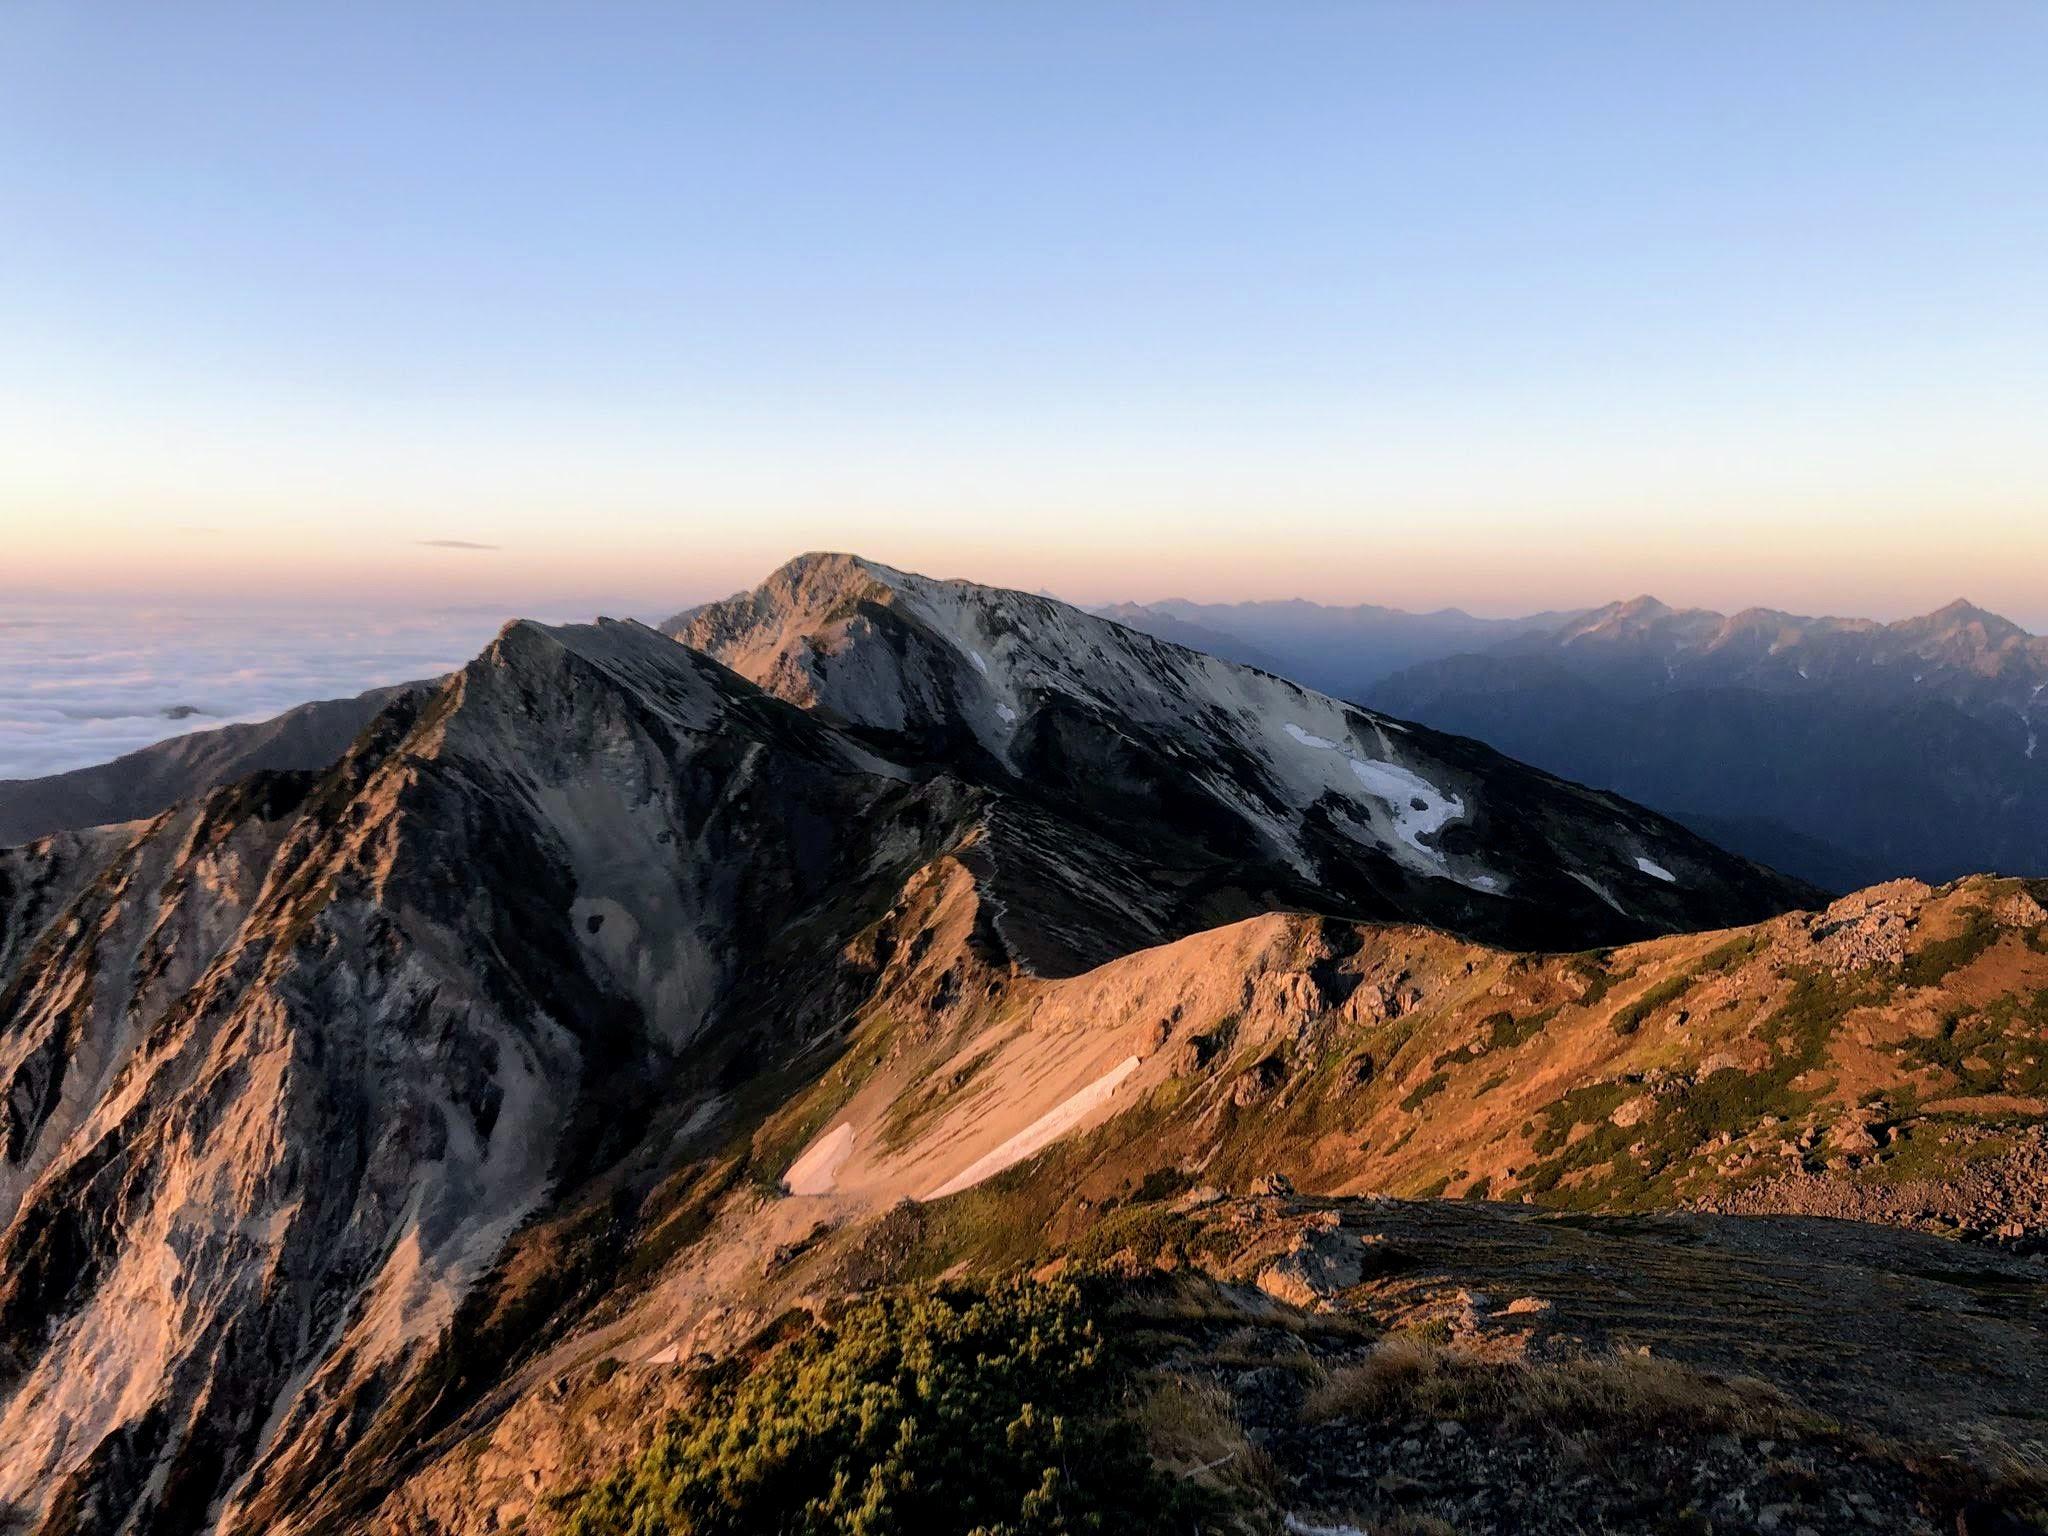 白馬岳の夜明け、雲海と稜線、槍ヶ岳